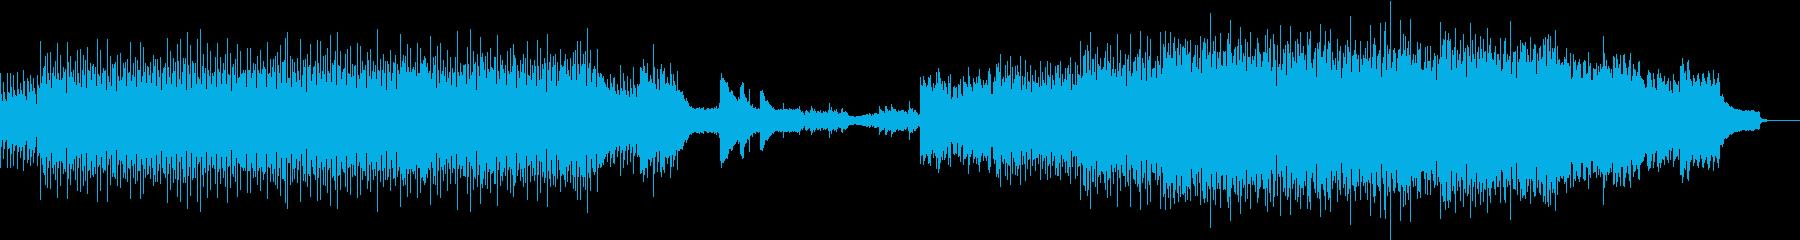 生音と機械音が奏でる爽快テクノロックの再生済みの波形